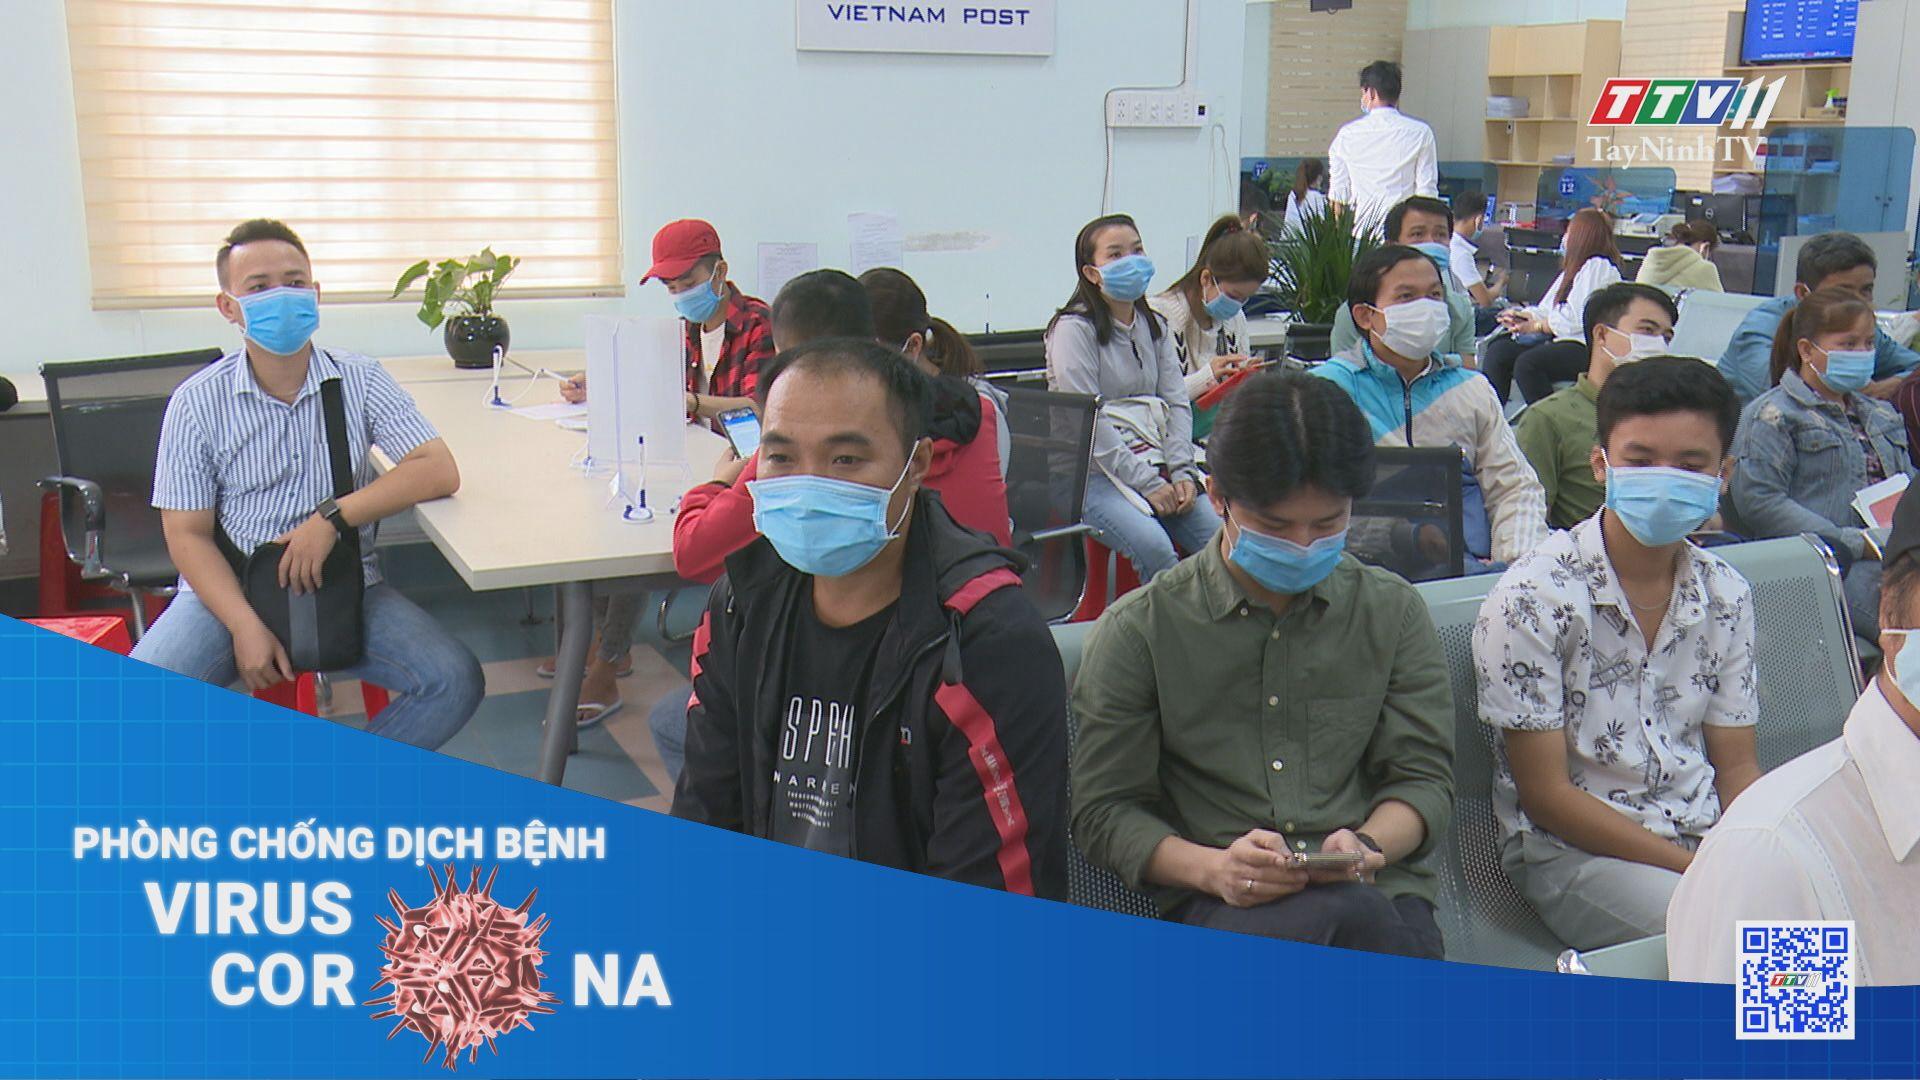 Tây Ninh và 4 tỉnh, thành phố lớn tăng cường công tác phòng chống dịch Covid-19 | TayNinhTV